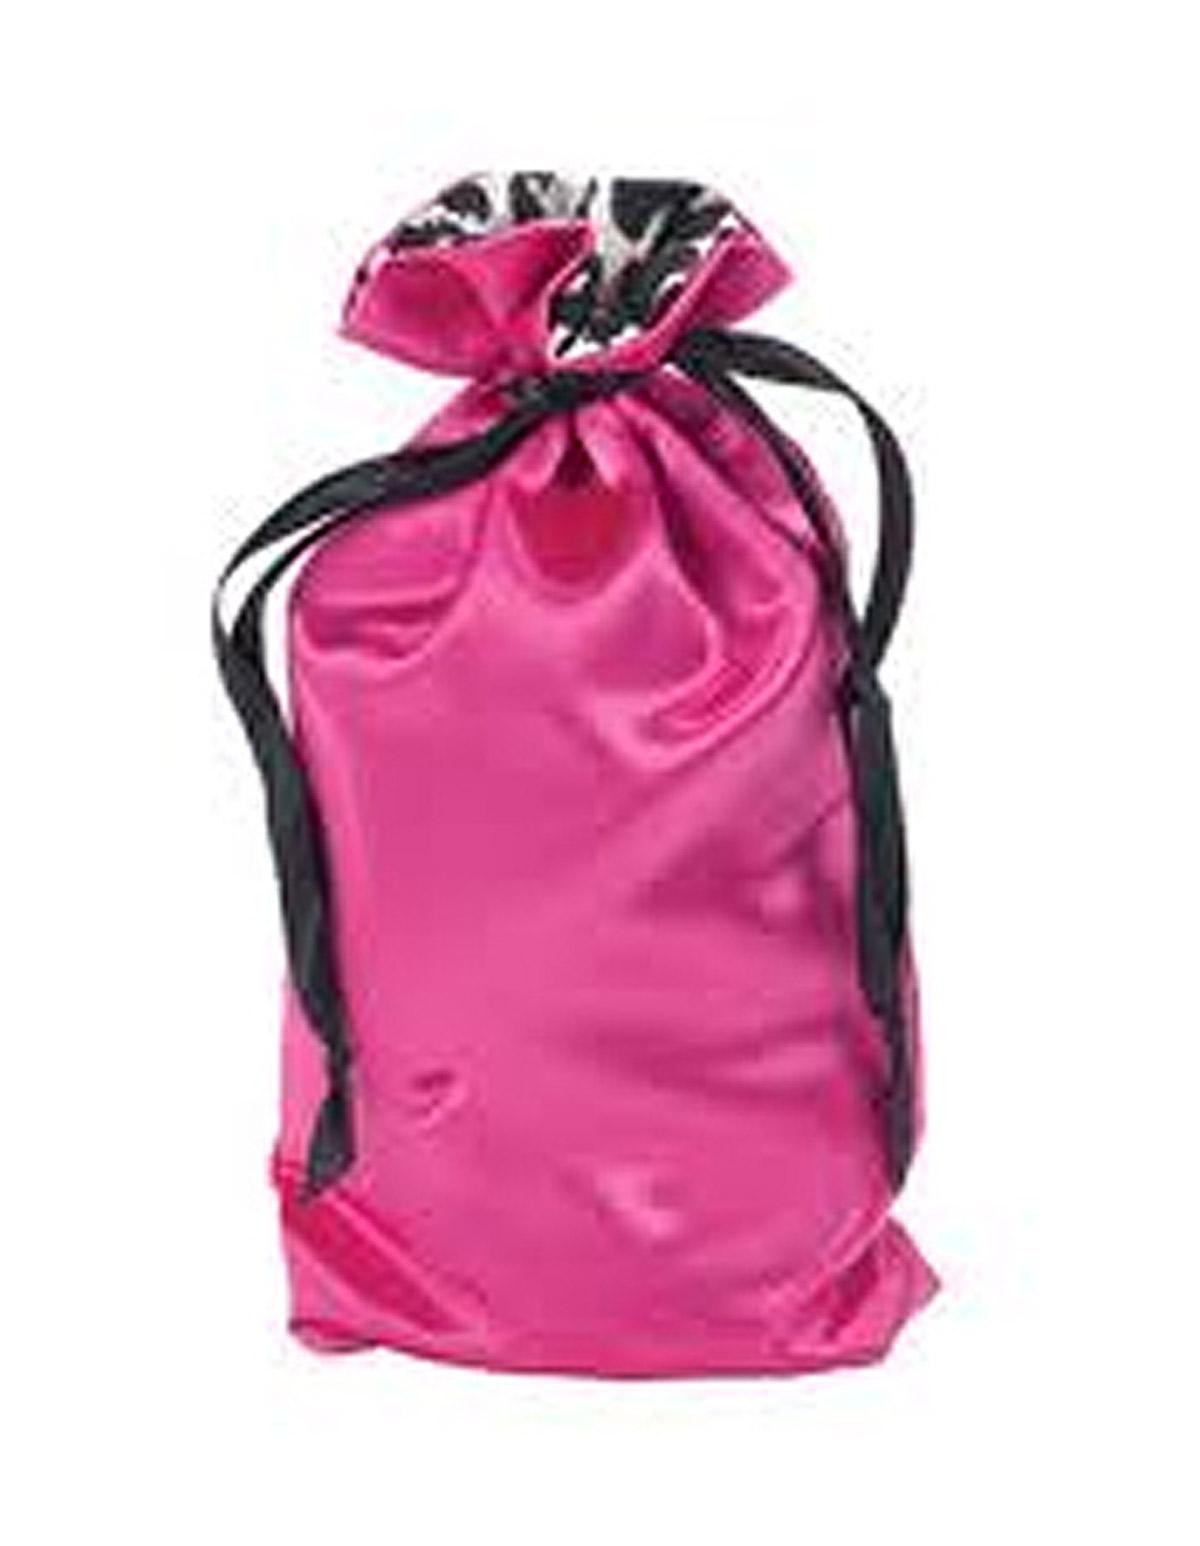 Sugar Sak Discreet Toy Bag